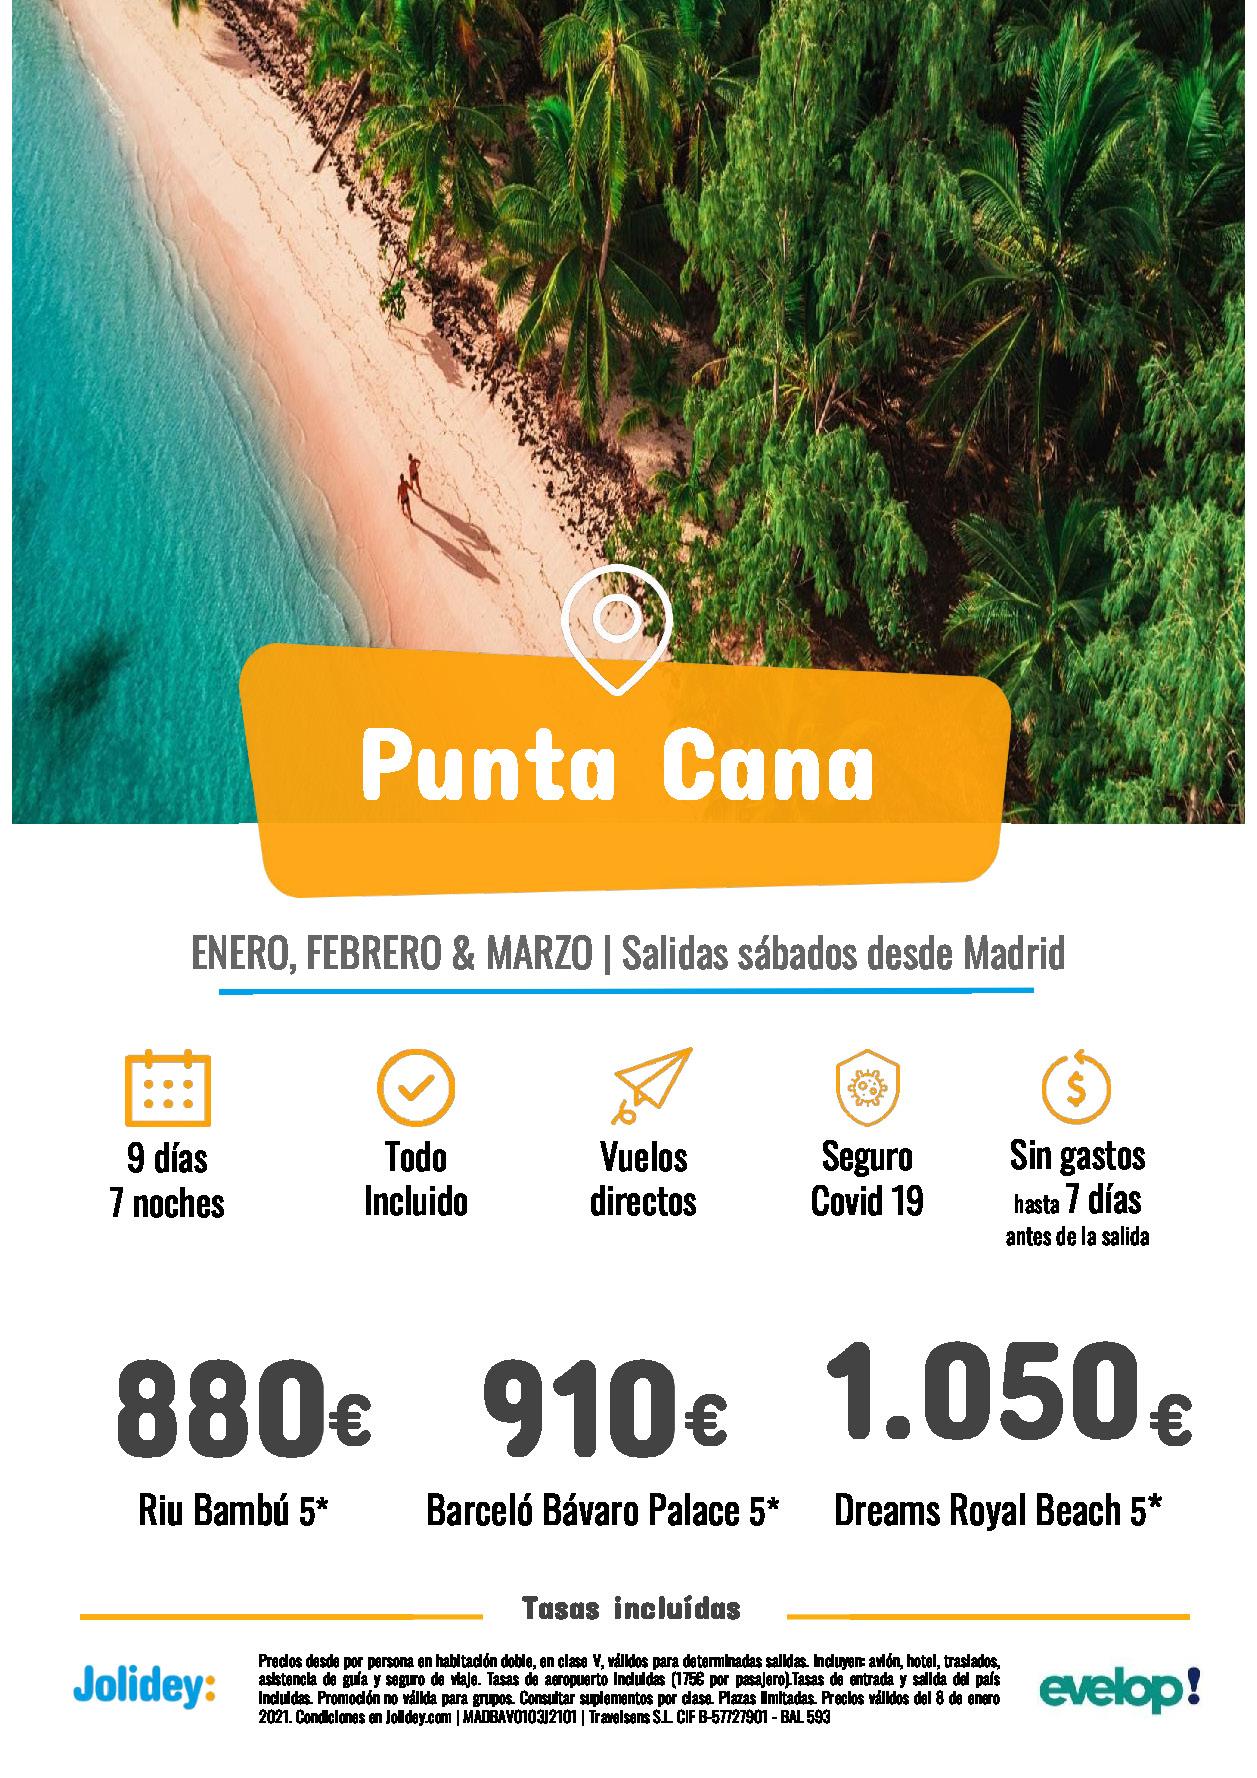 Ofertas Jolidey Punta Cana Enero a Marzo 2021 Riu Barcelo Dreams vuelo directo desde Madrid